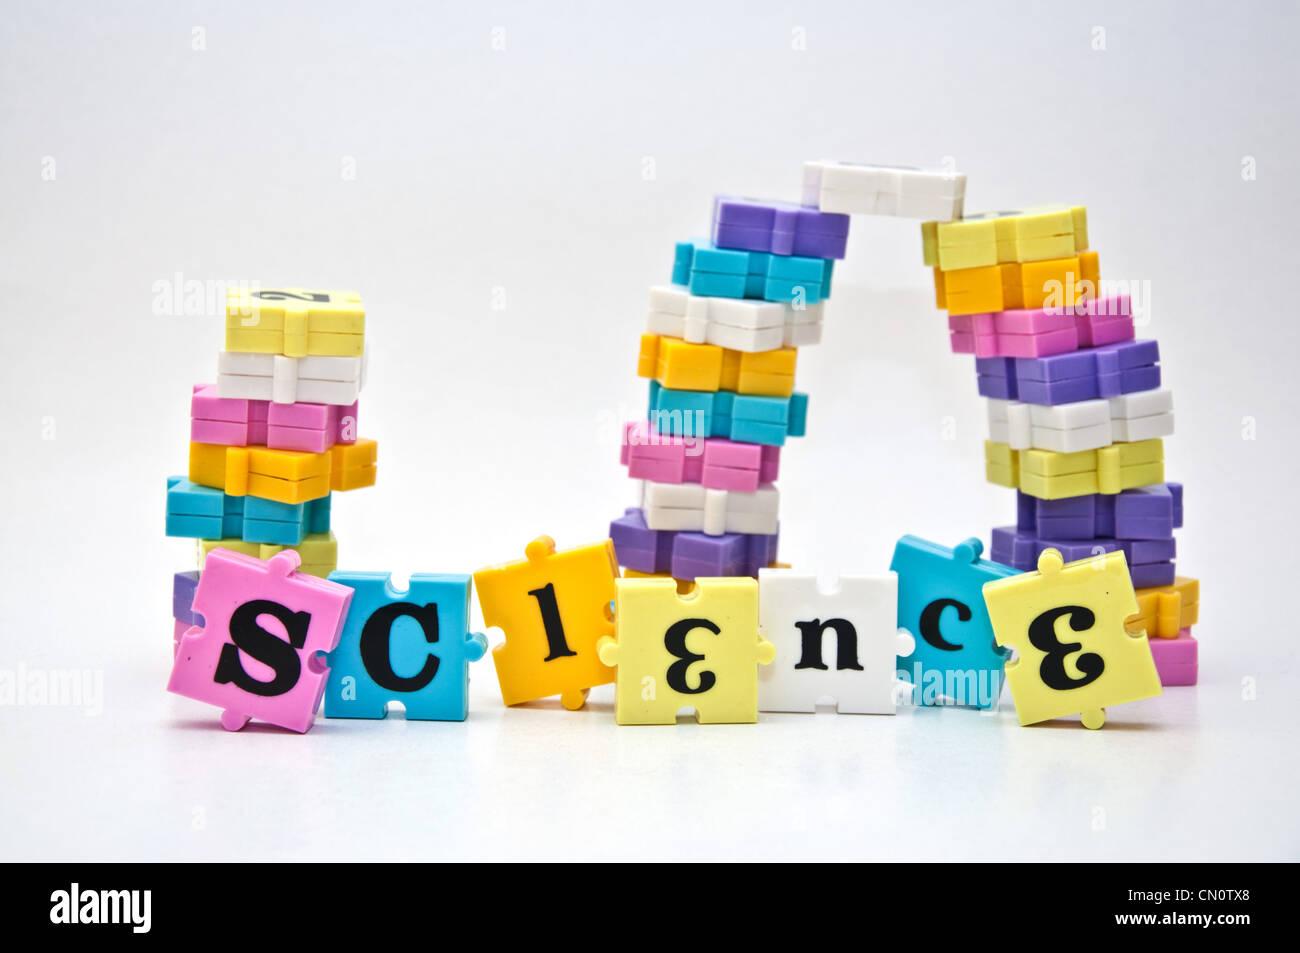 Wort Wissenschaft geschrieben mit Stücken von einem Kinder-Wort-Puzzle-Spiel. Stockbild